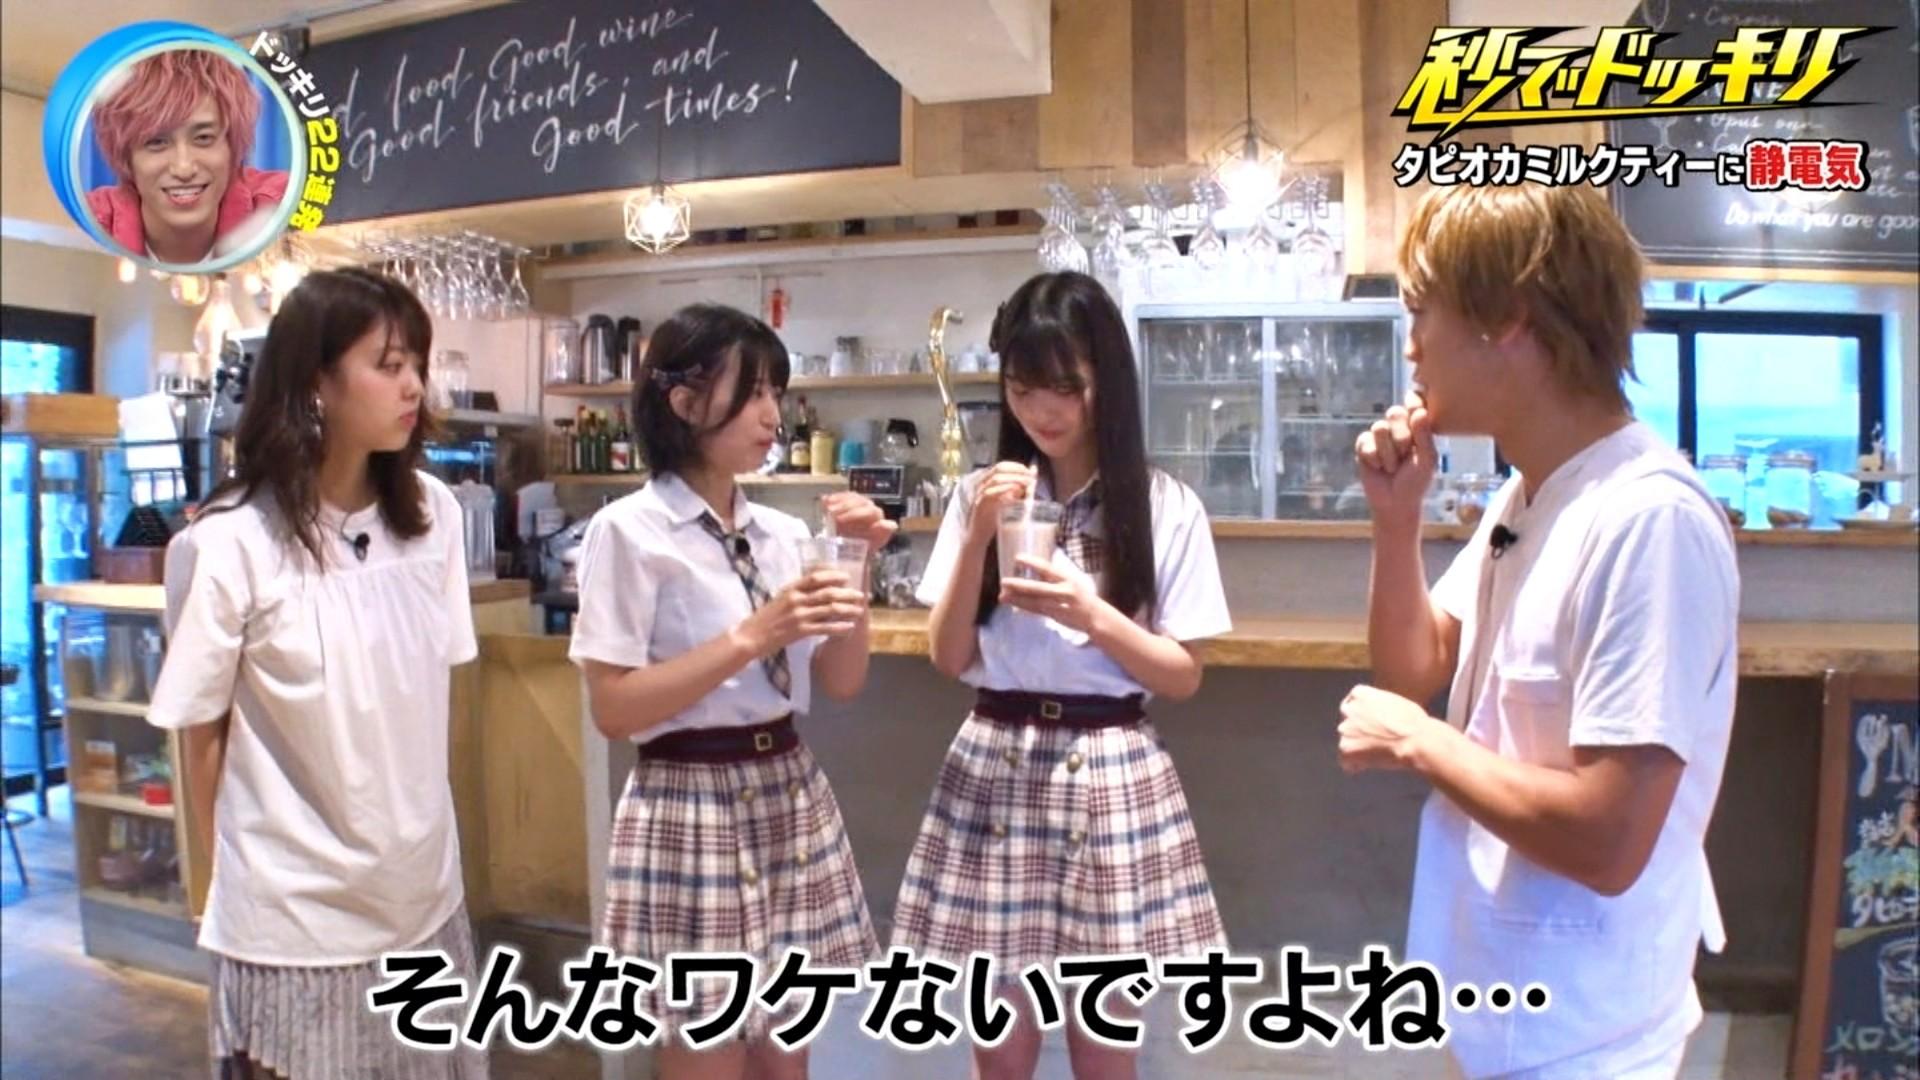 2019年11月30日にフジテレビ系列でほうそうされた「芸能人が本気で考えた!ドッキリGP」に出演したNMB48上西怜・大田莉央奈の画像-015